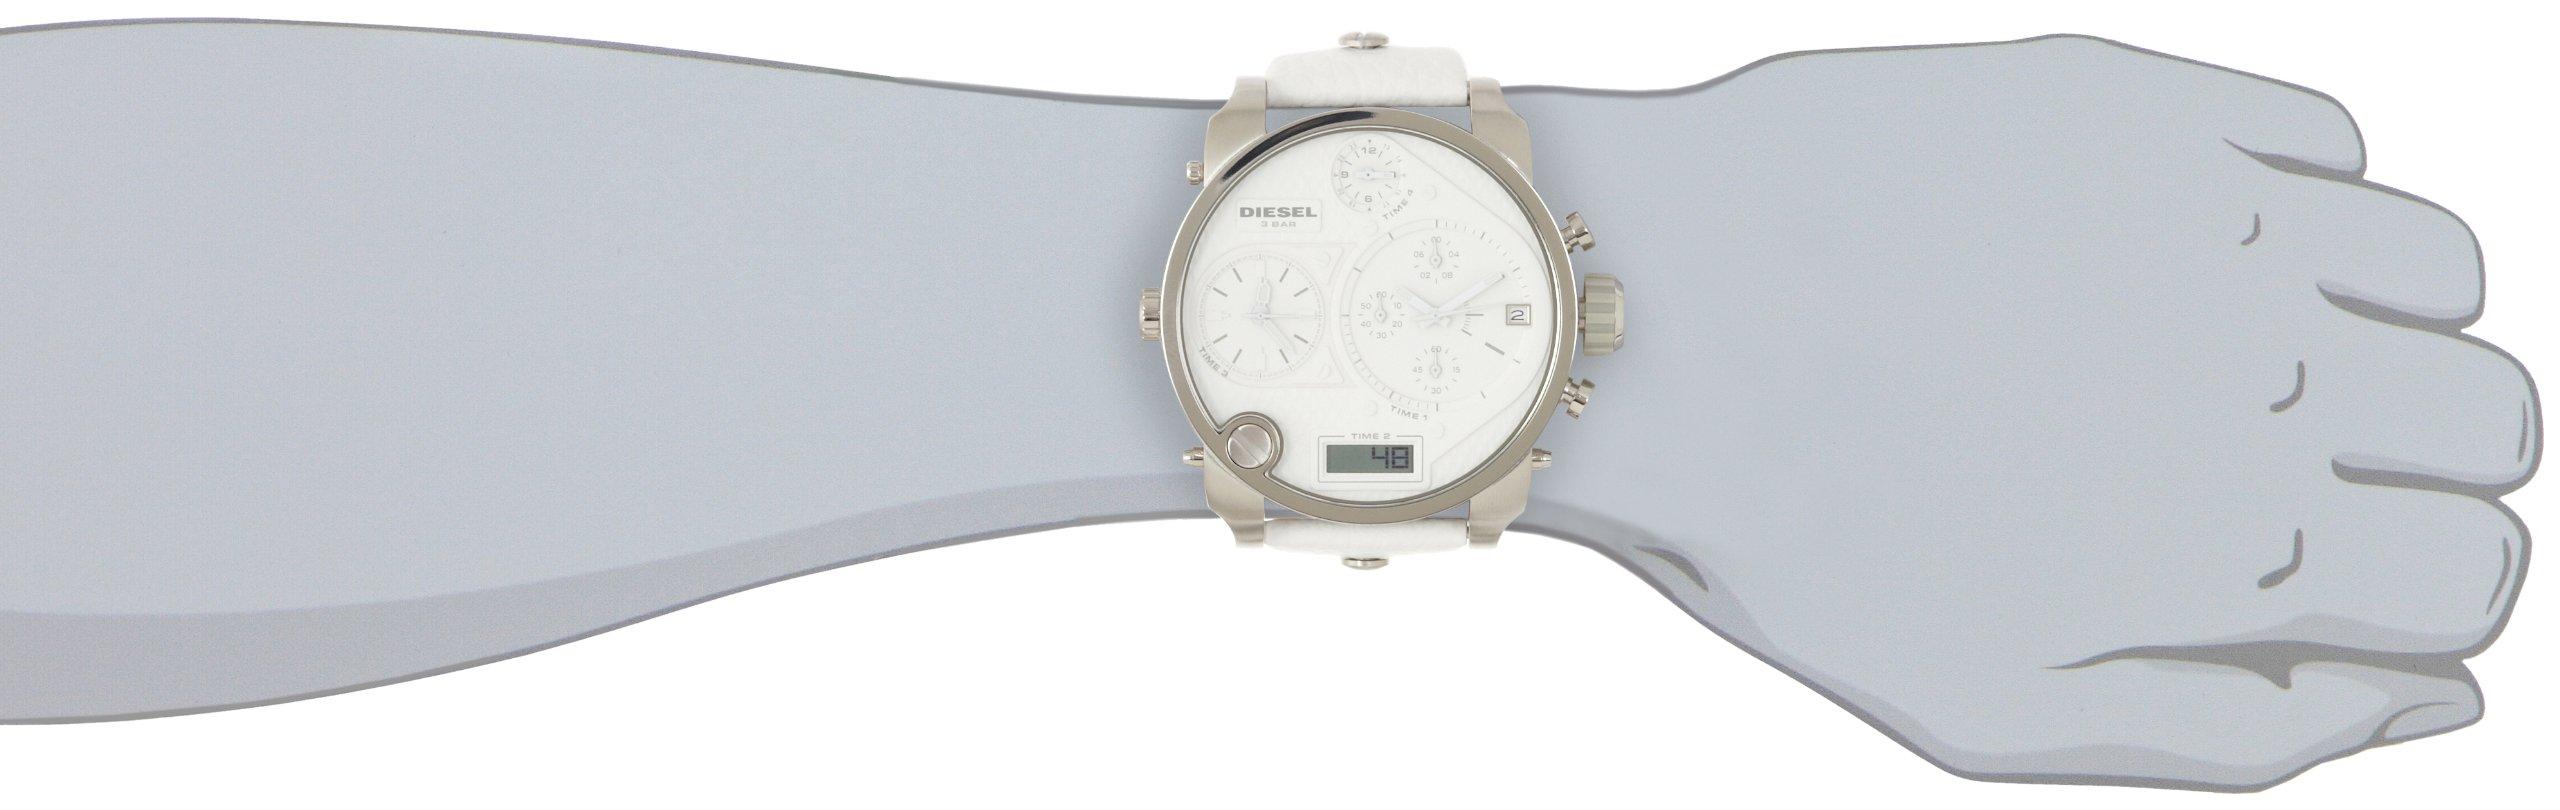 Diesel Analogue Digital White Dial Men's Watch – DZ7194